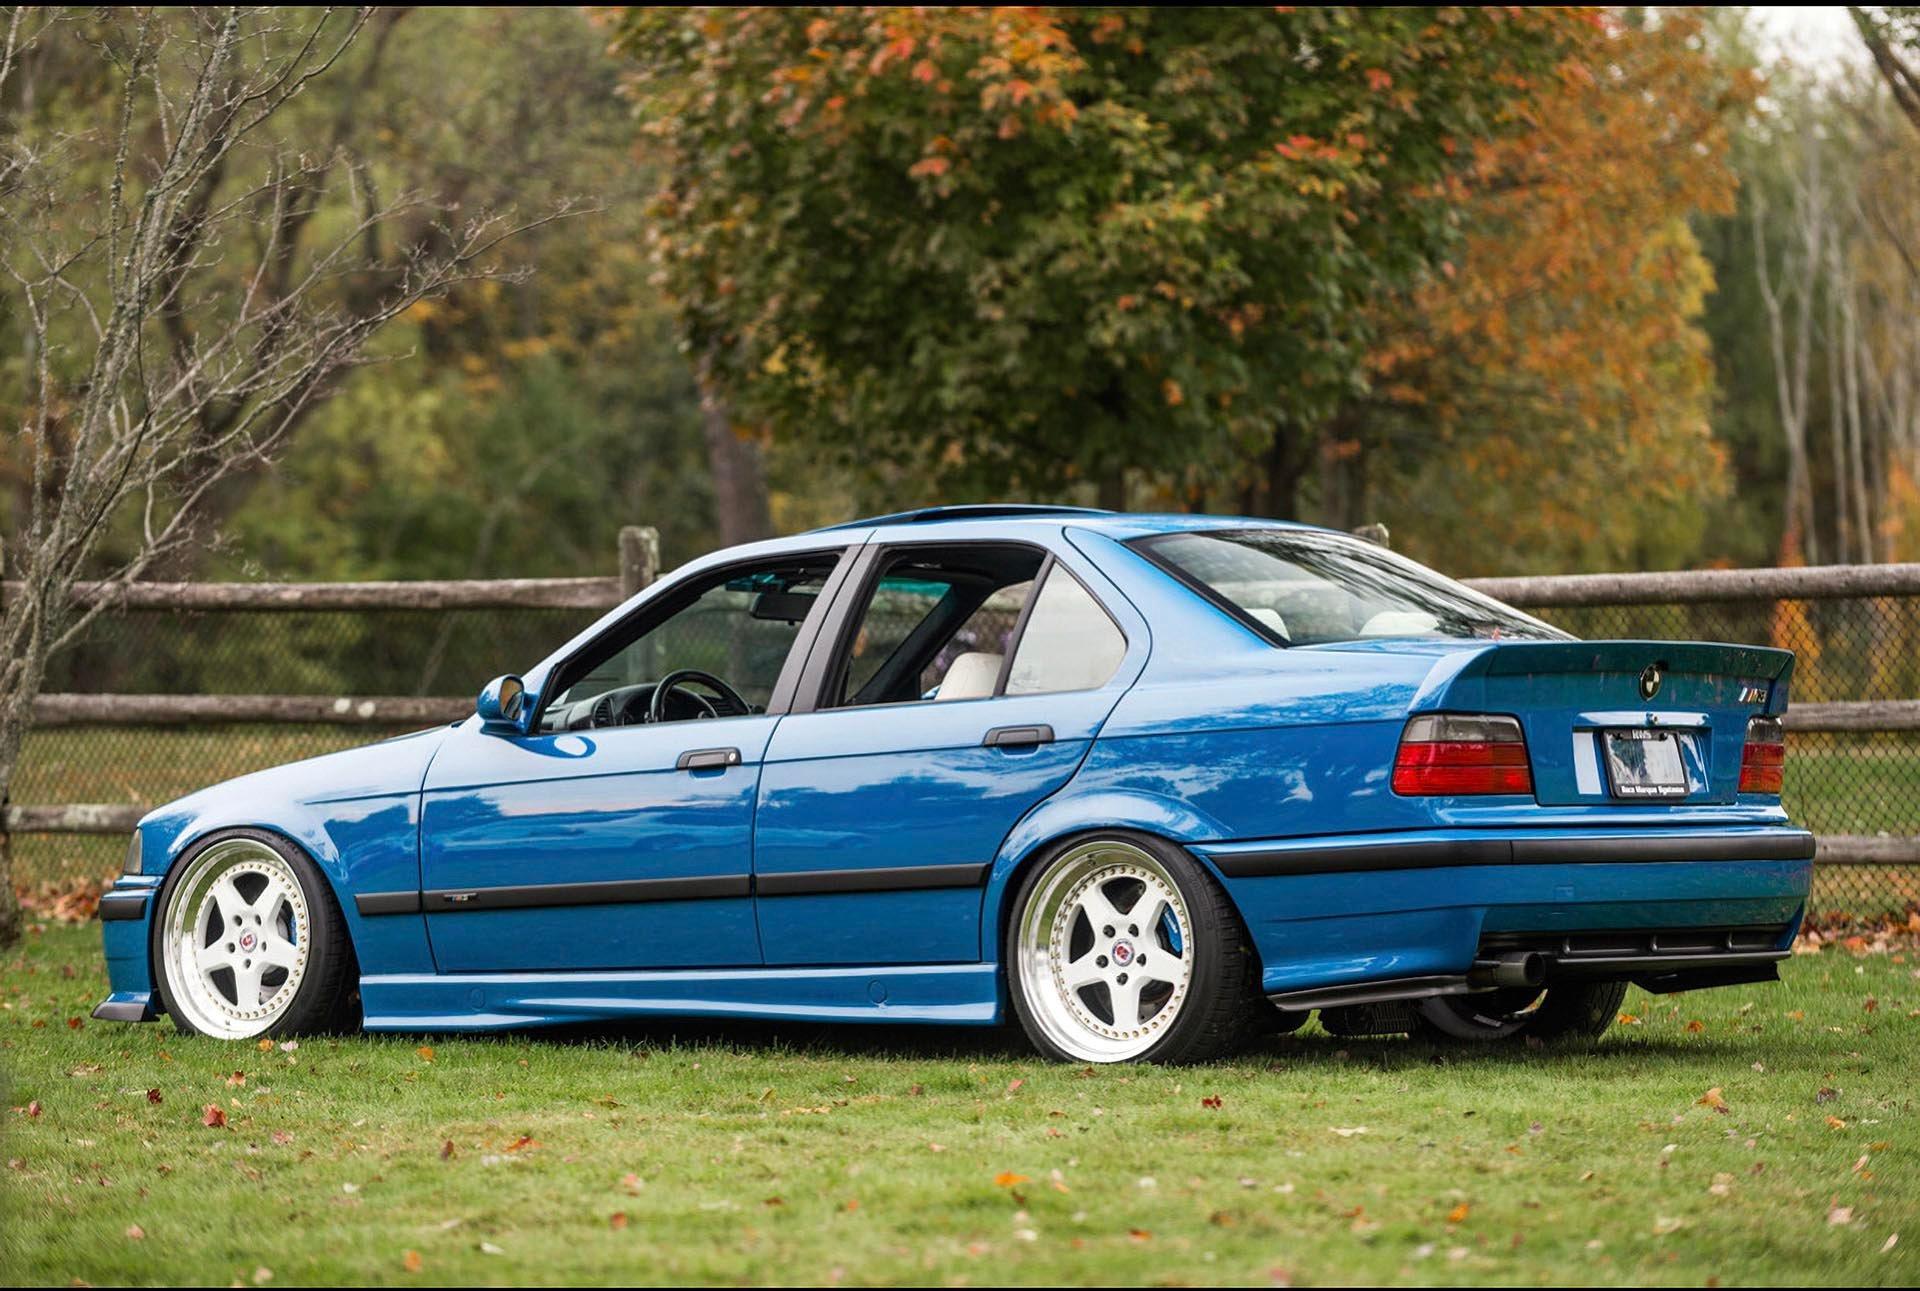 Laguna Seca Blue E36 M3 clone AC Schnitzer HRE wheels rear